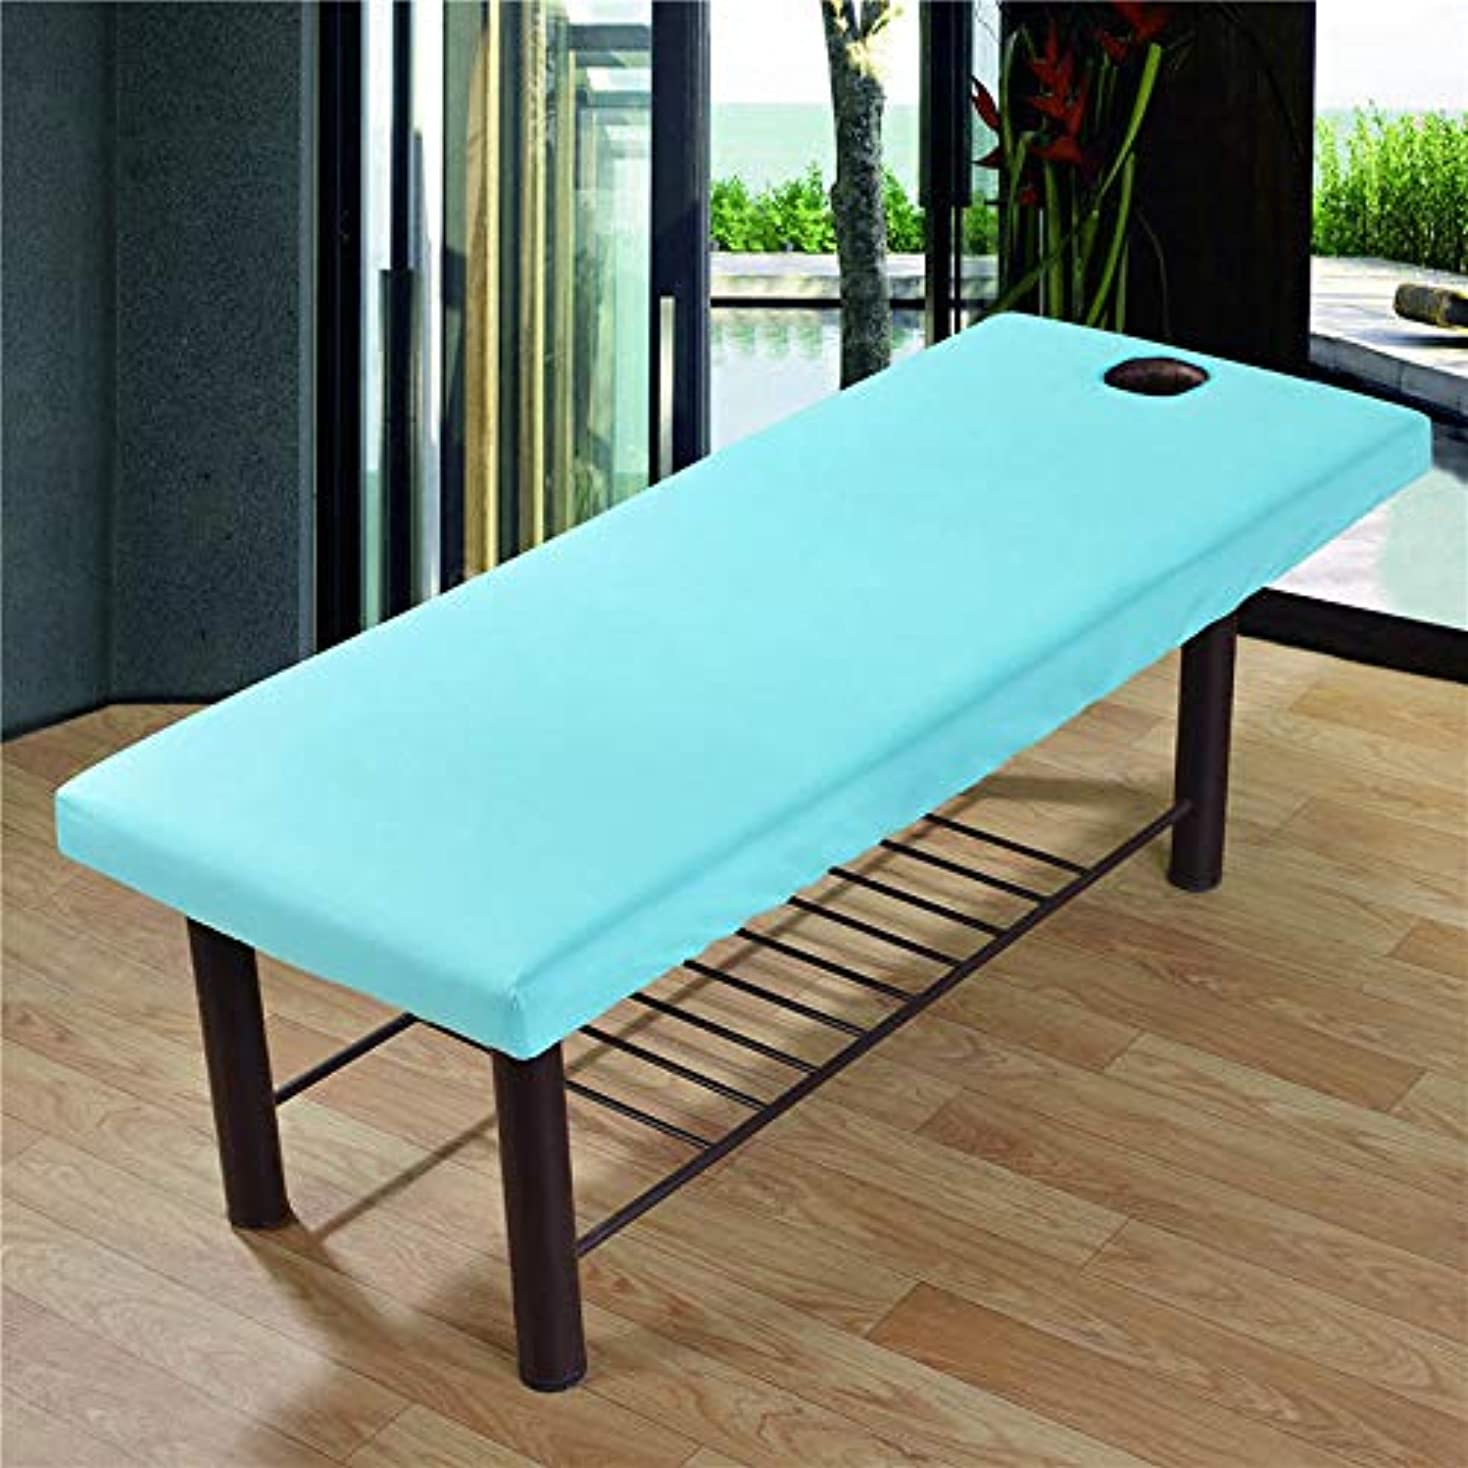 頭痛返還安全Profeel 美容院のマッサージ療法のベッドのための柔らかいSoliod色の長方形のマットレス